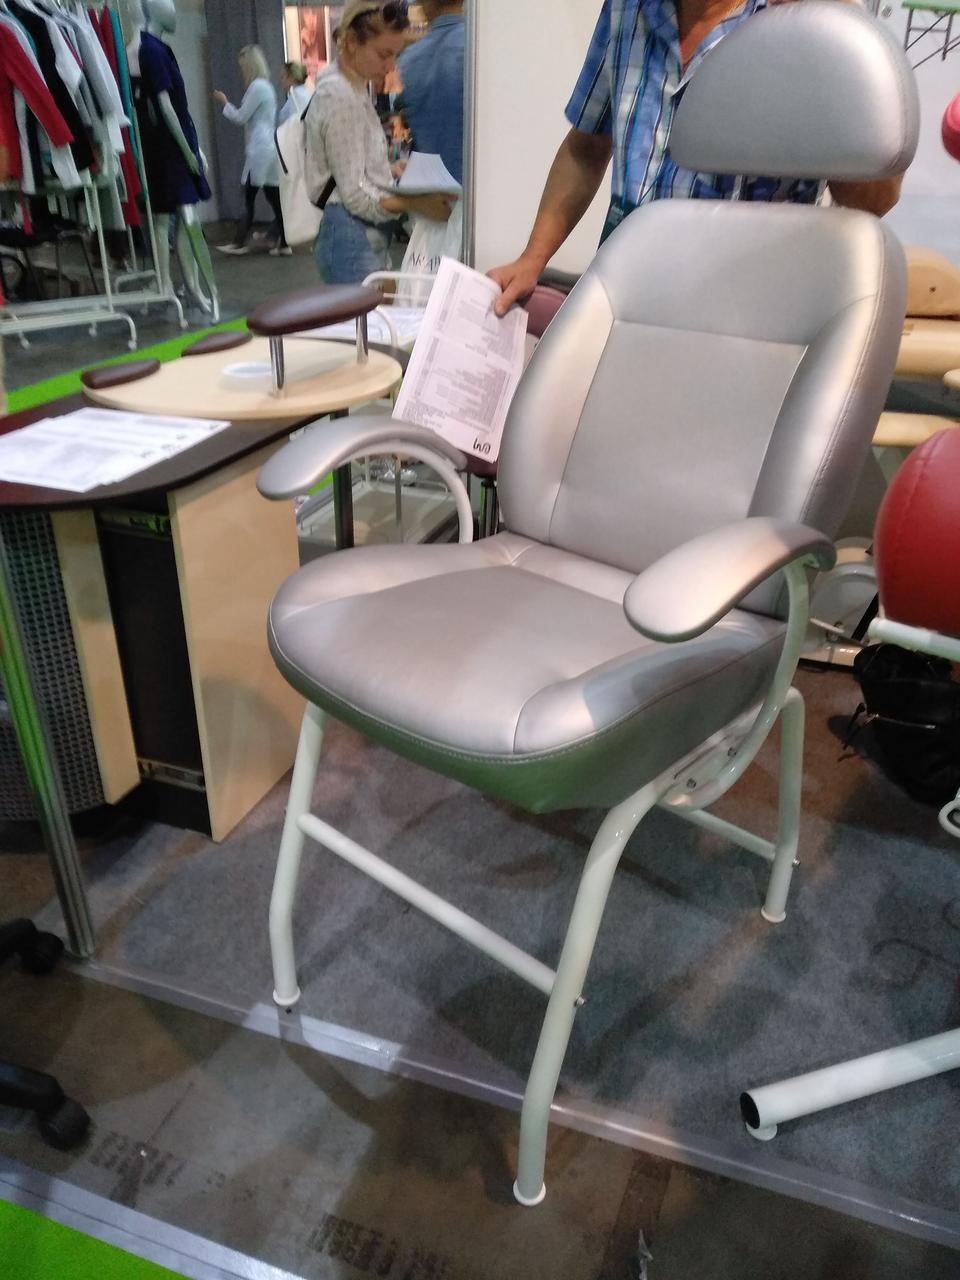 Педикюрное кресло для учебных центров (училищ) недорого